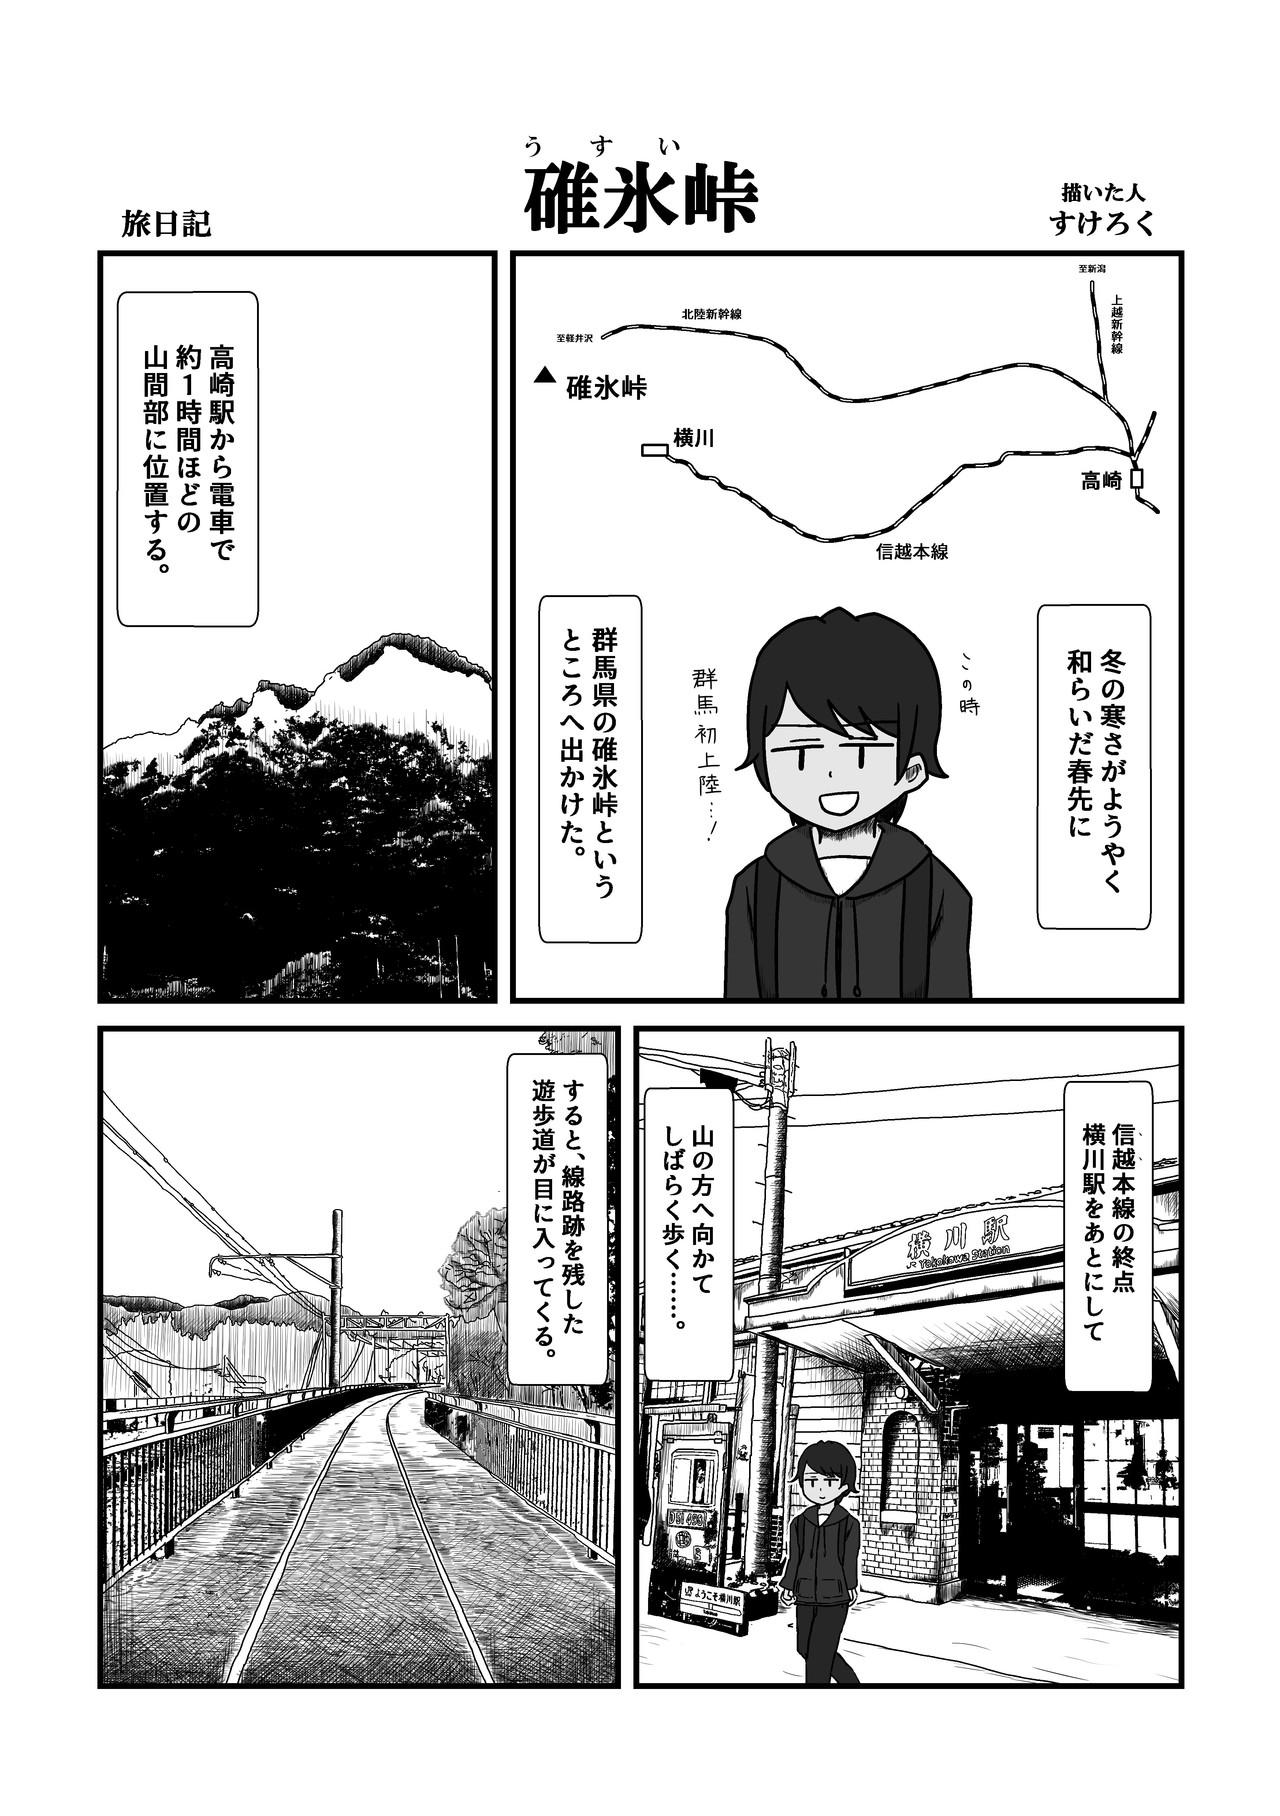 2019.4.19_旅漫画_碓氷峠_1